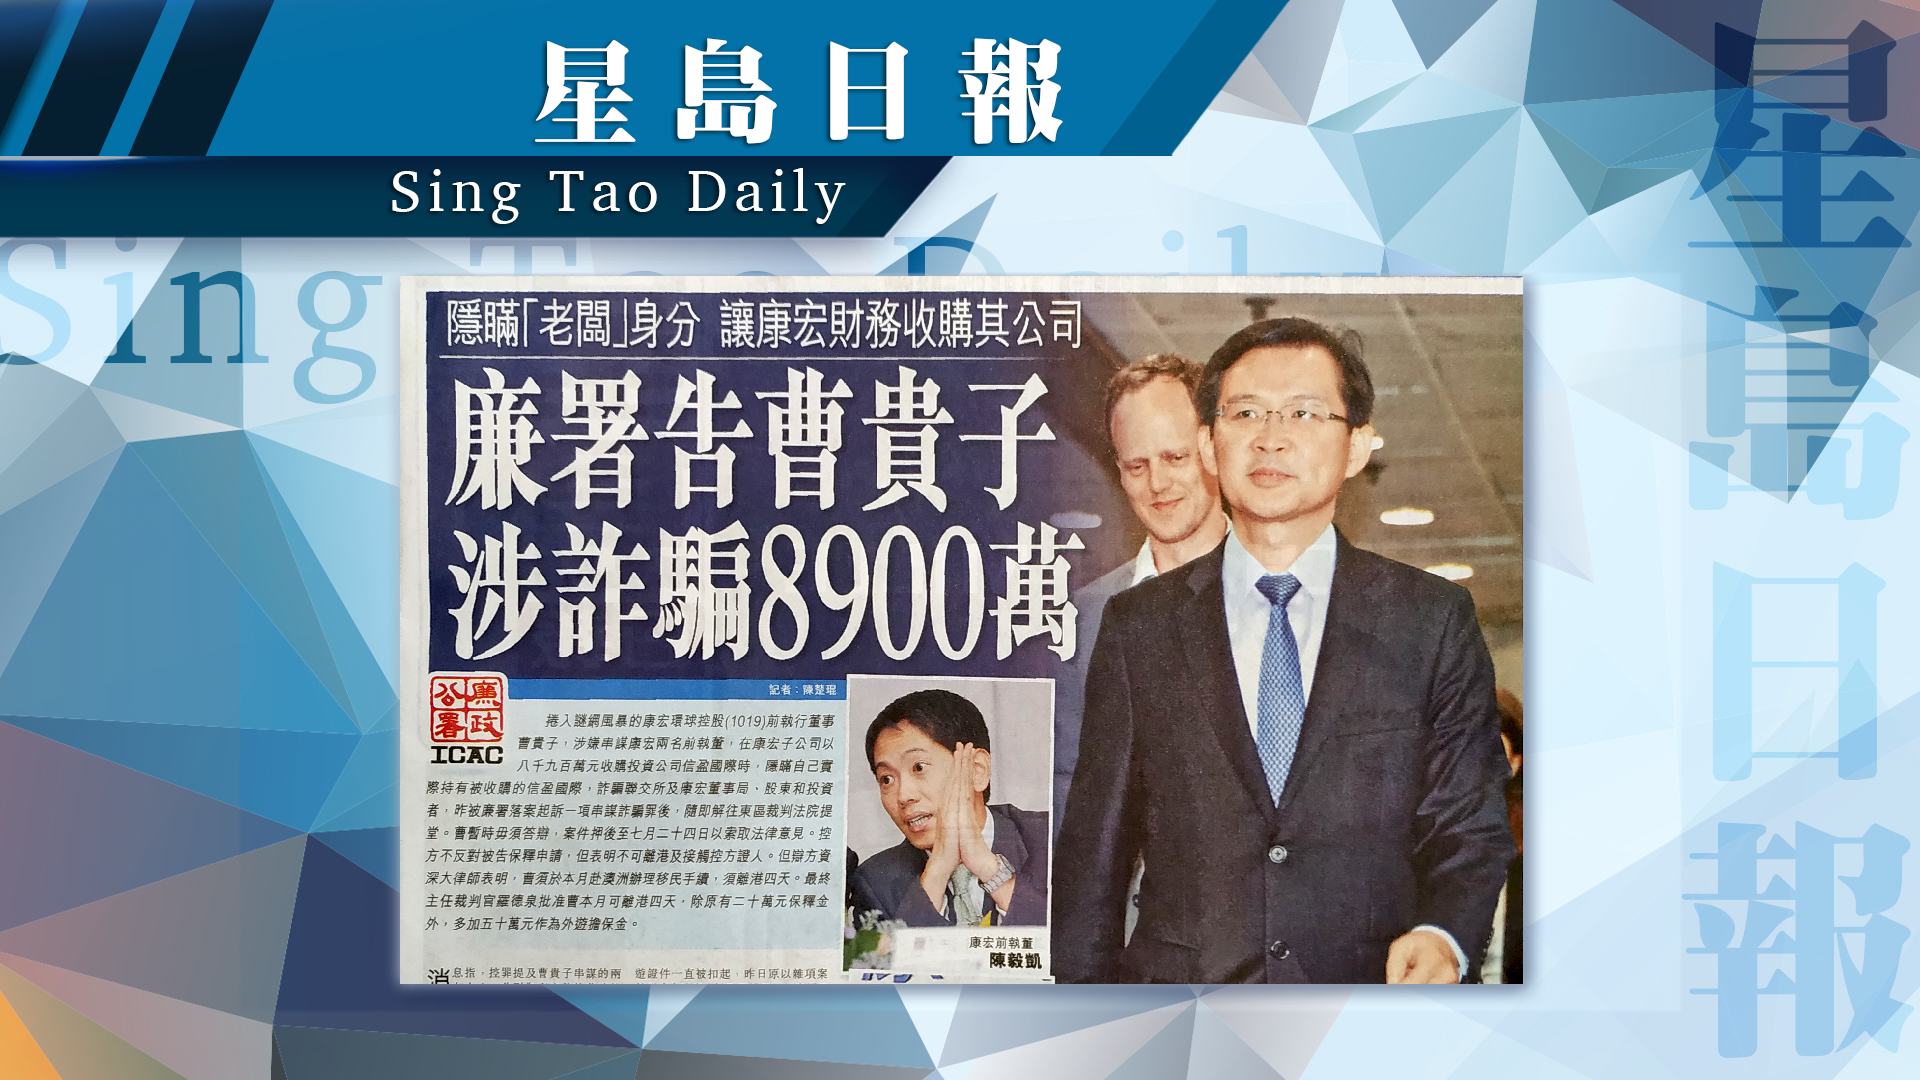 【報章A1速覽】回鄉證功能升呢 北上生活更便利;廉署告曹貴子 涉詐騙8900萬